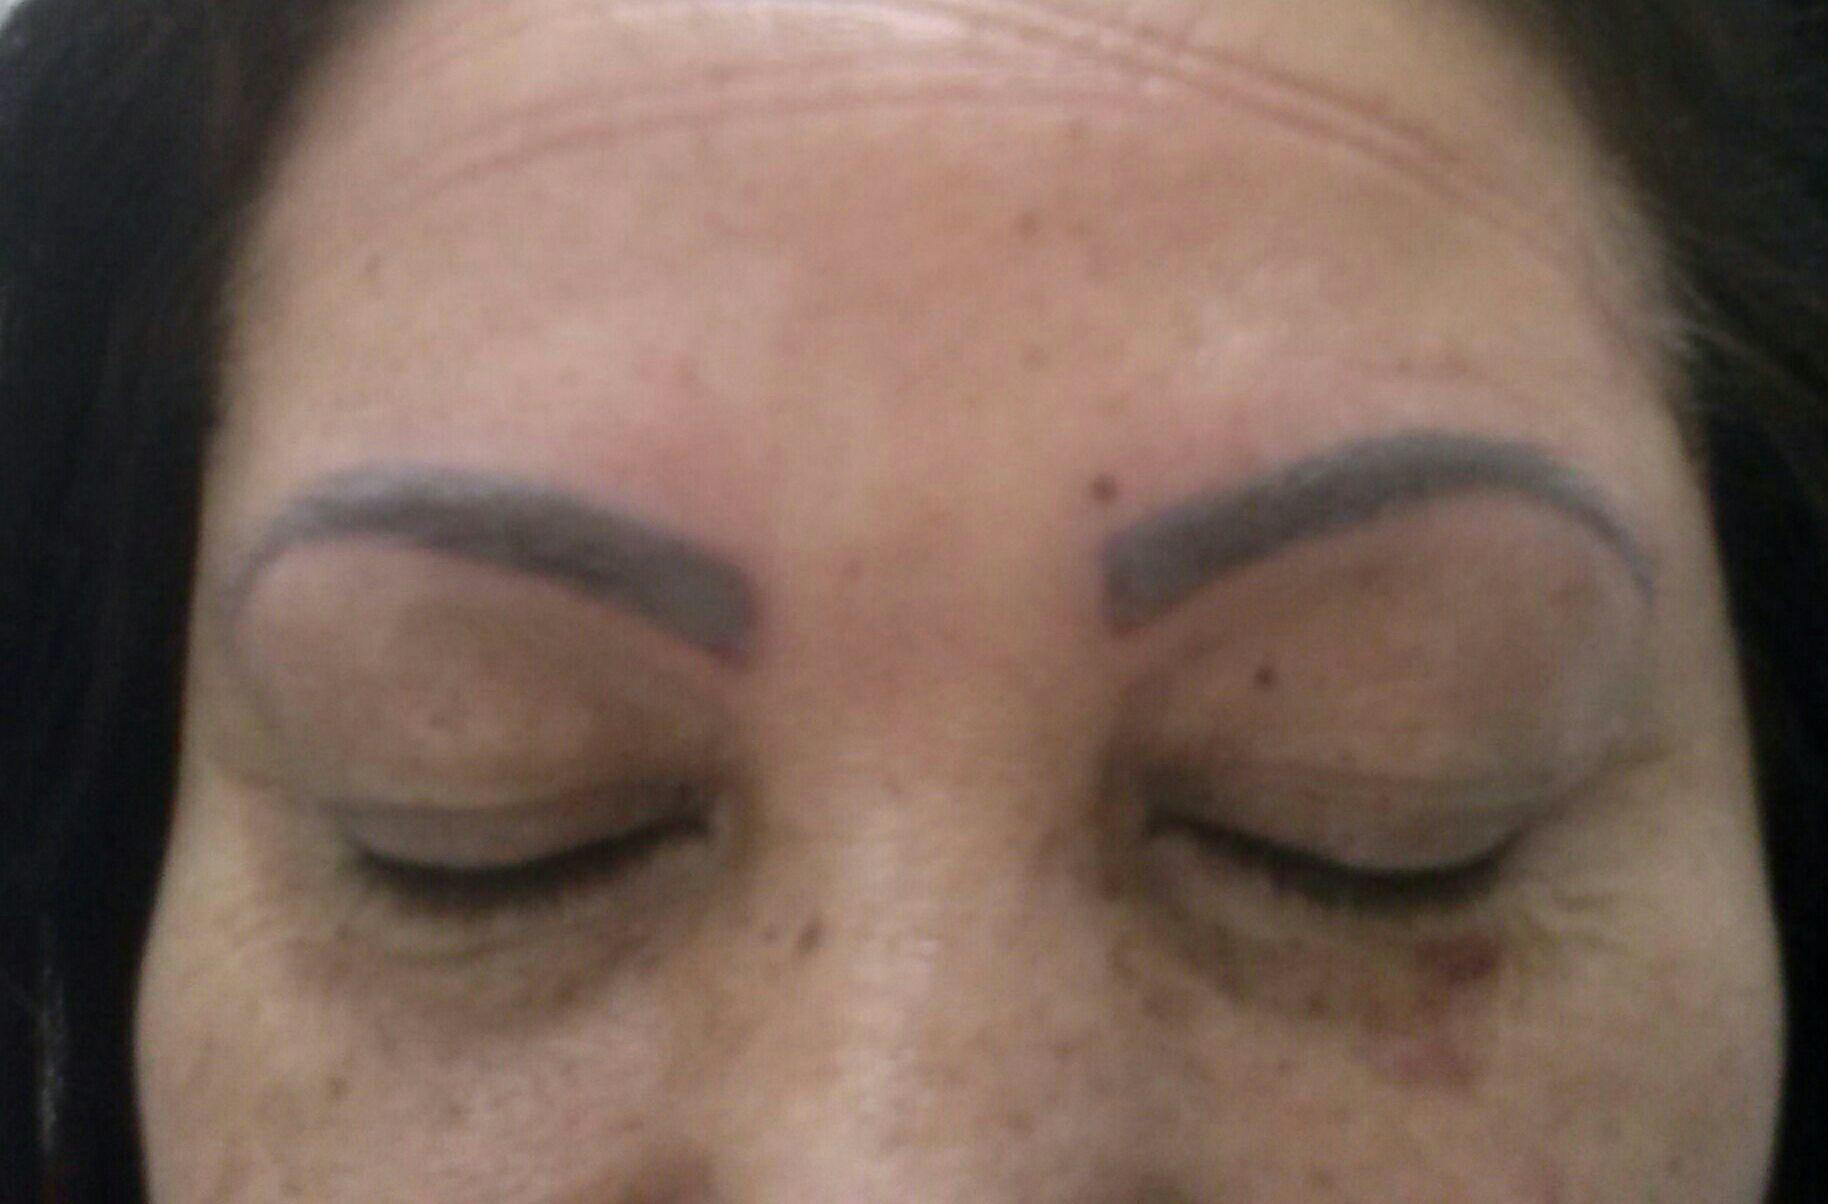 cabeleireiro(a) depilador(a) micropigmentador(a) designer de sobrancelhas esteticista maquiador(a) massagista auxiliar cabeleireiro(a) auxiliar cabeleireiro(a)